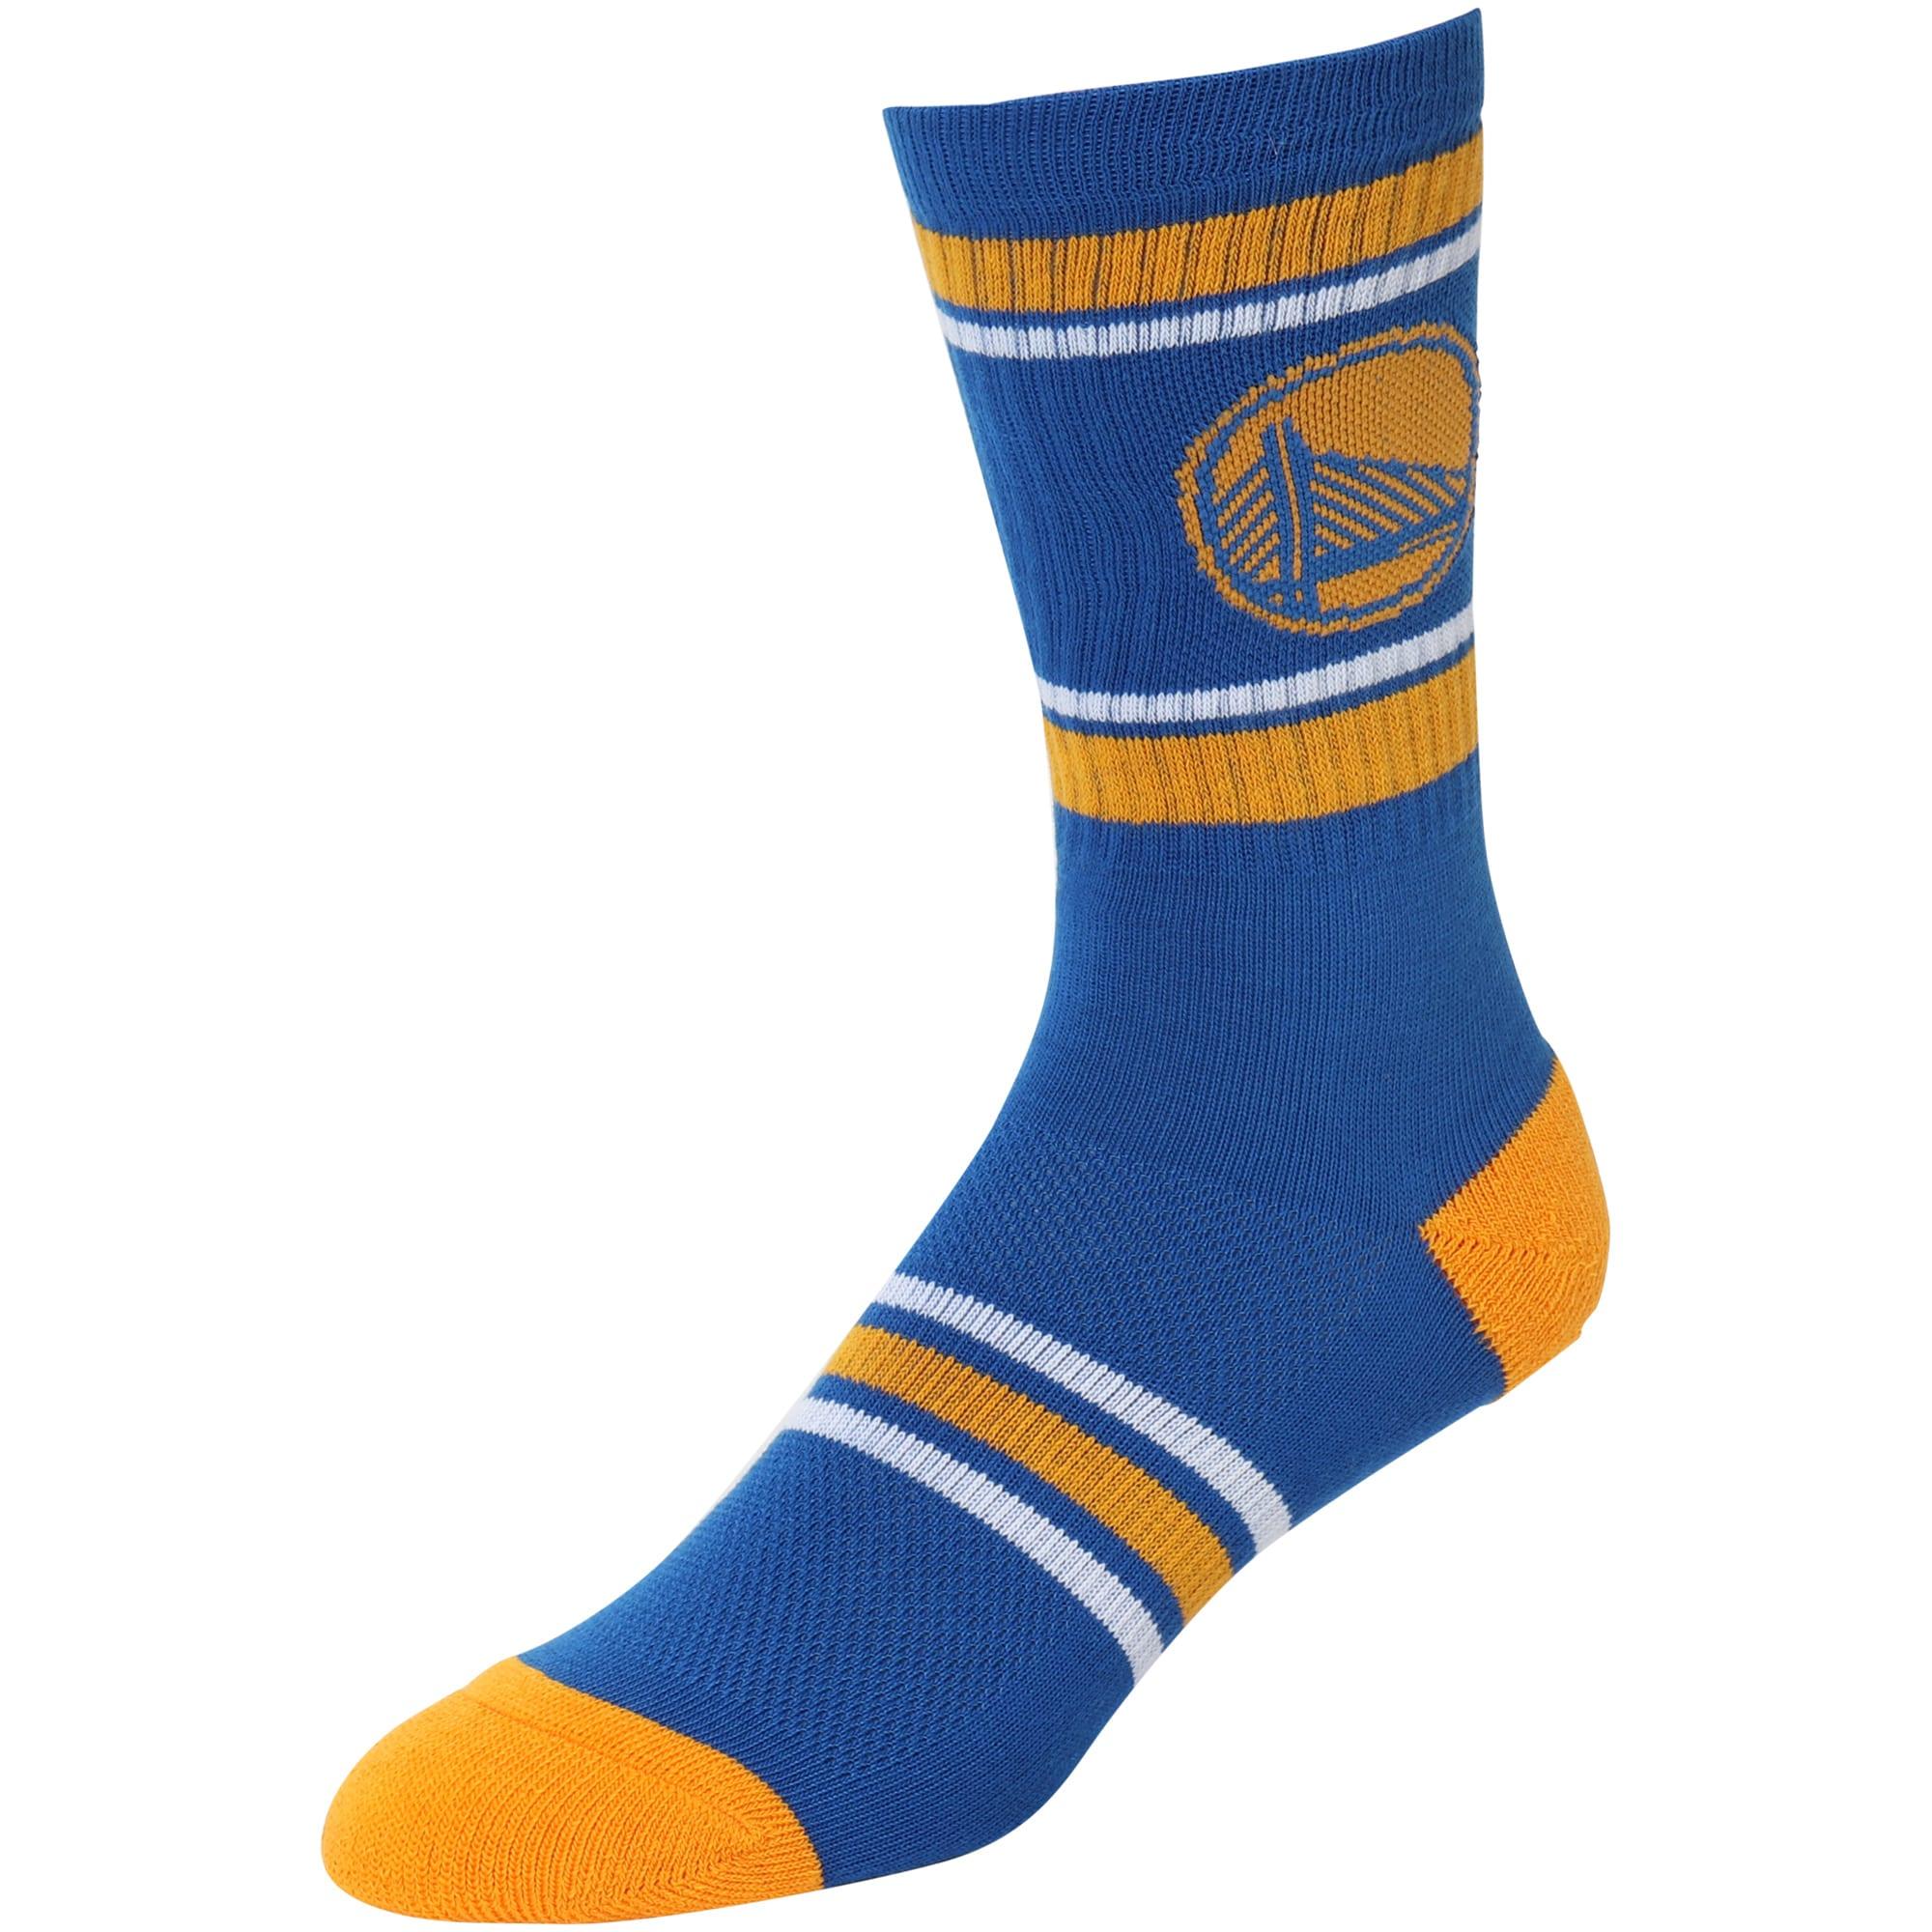 Golden State Warriors Stripe Crew Socks - Royal